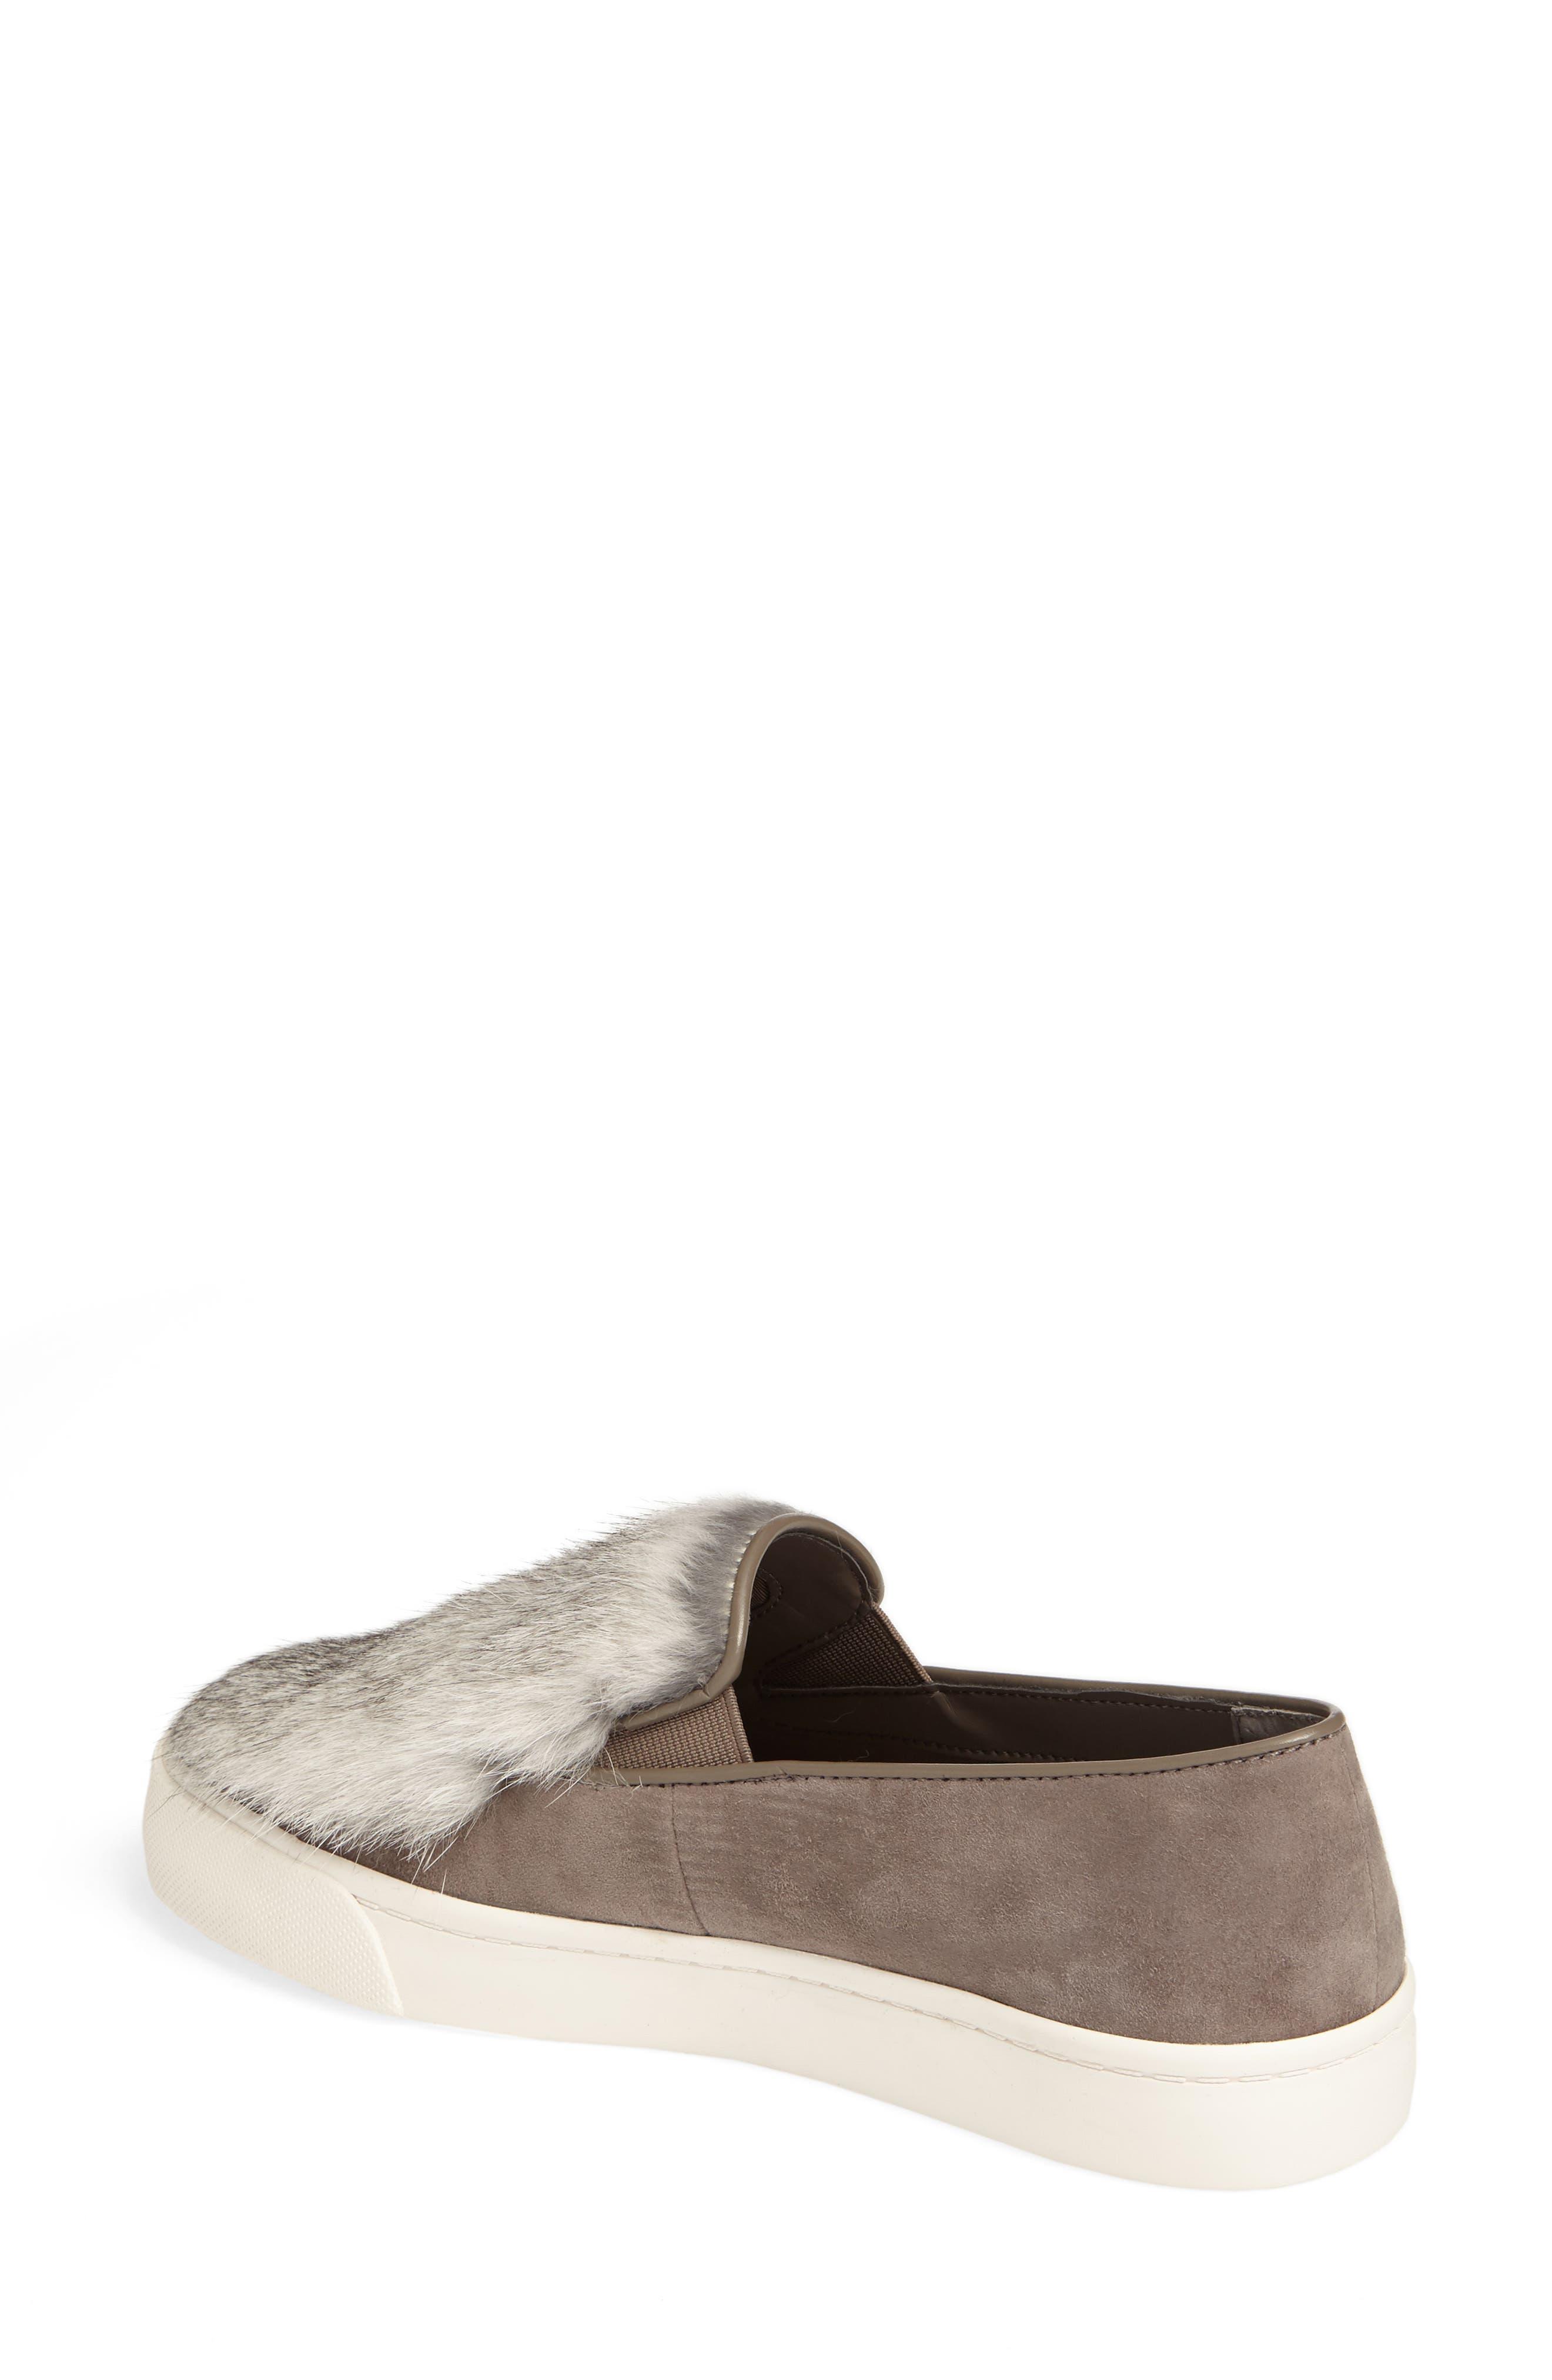 Alternate Image 2  - Louise et Cie Bershner Genuine Rabbit Fur Slip-On Sneaker (Women)